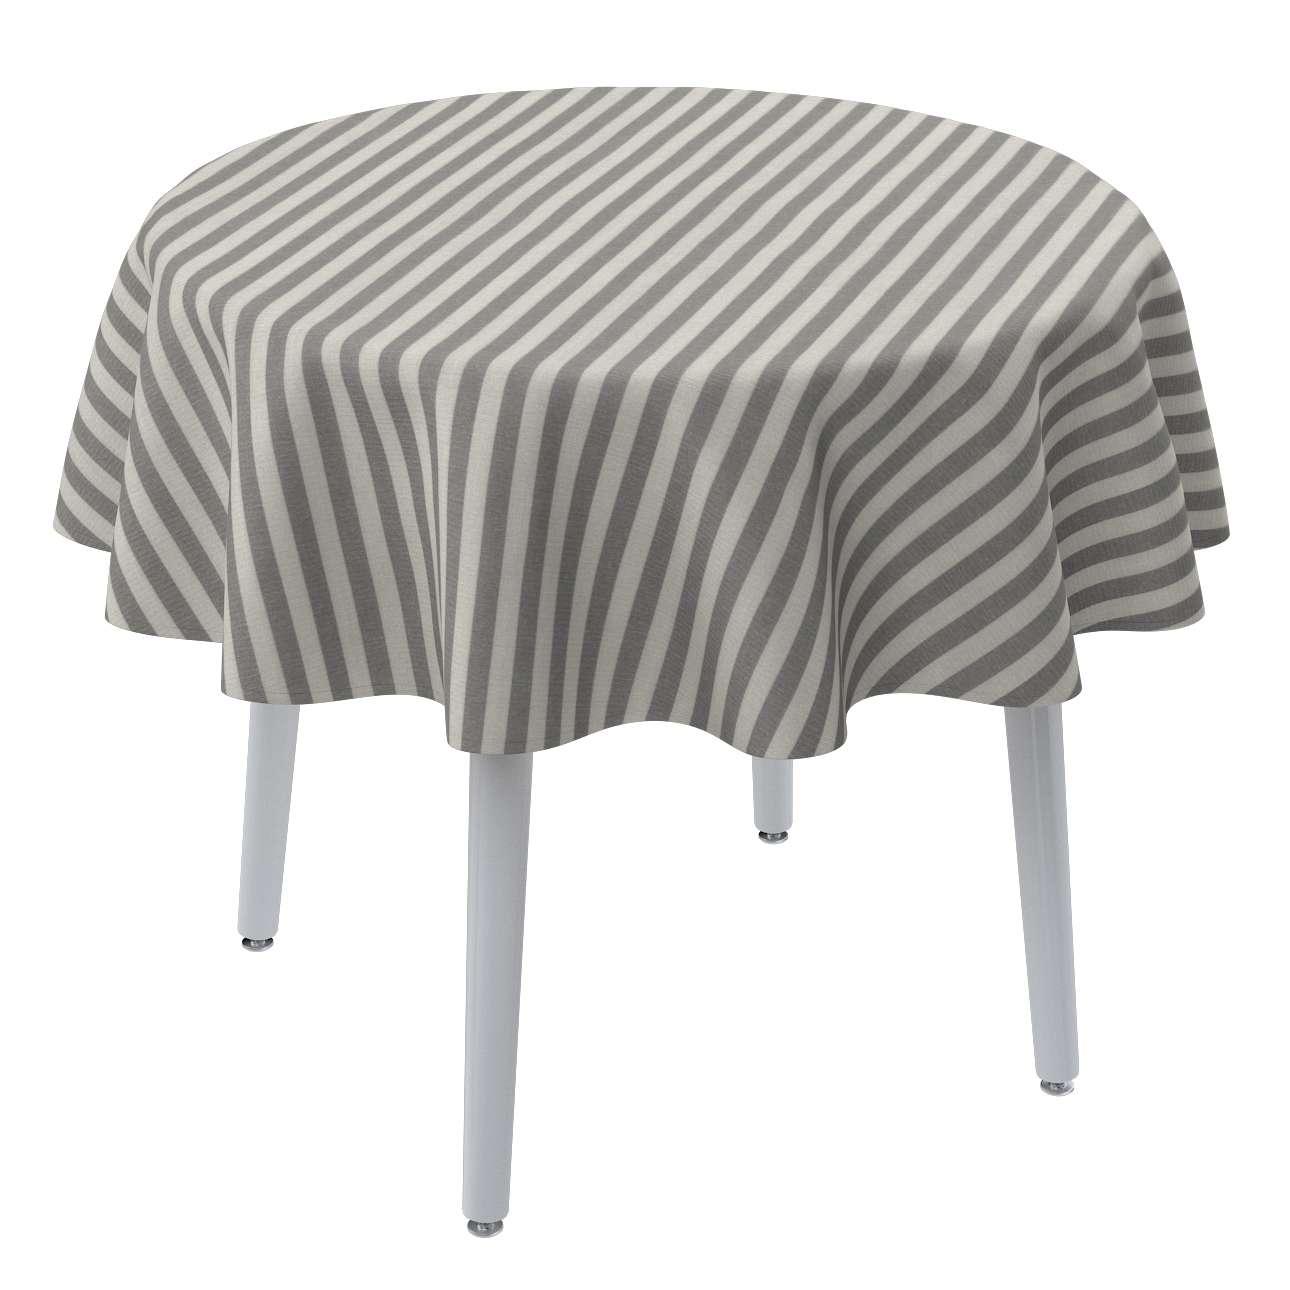 Runde Tischdecke Ø 135 cm von der Kollektion Quadro, Stoff: 136-12